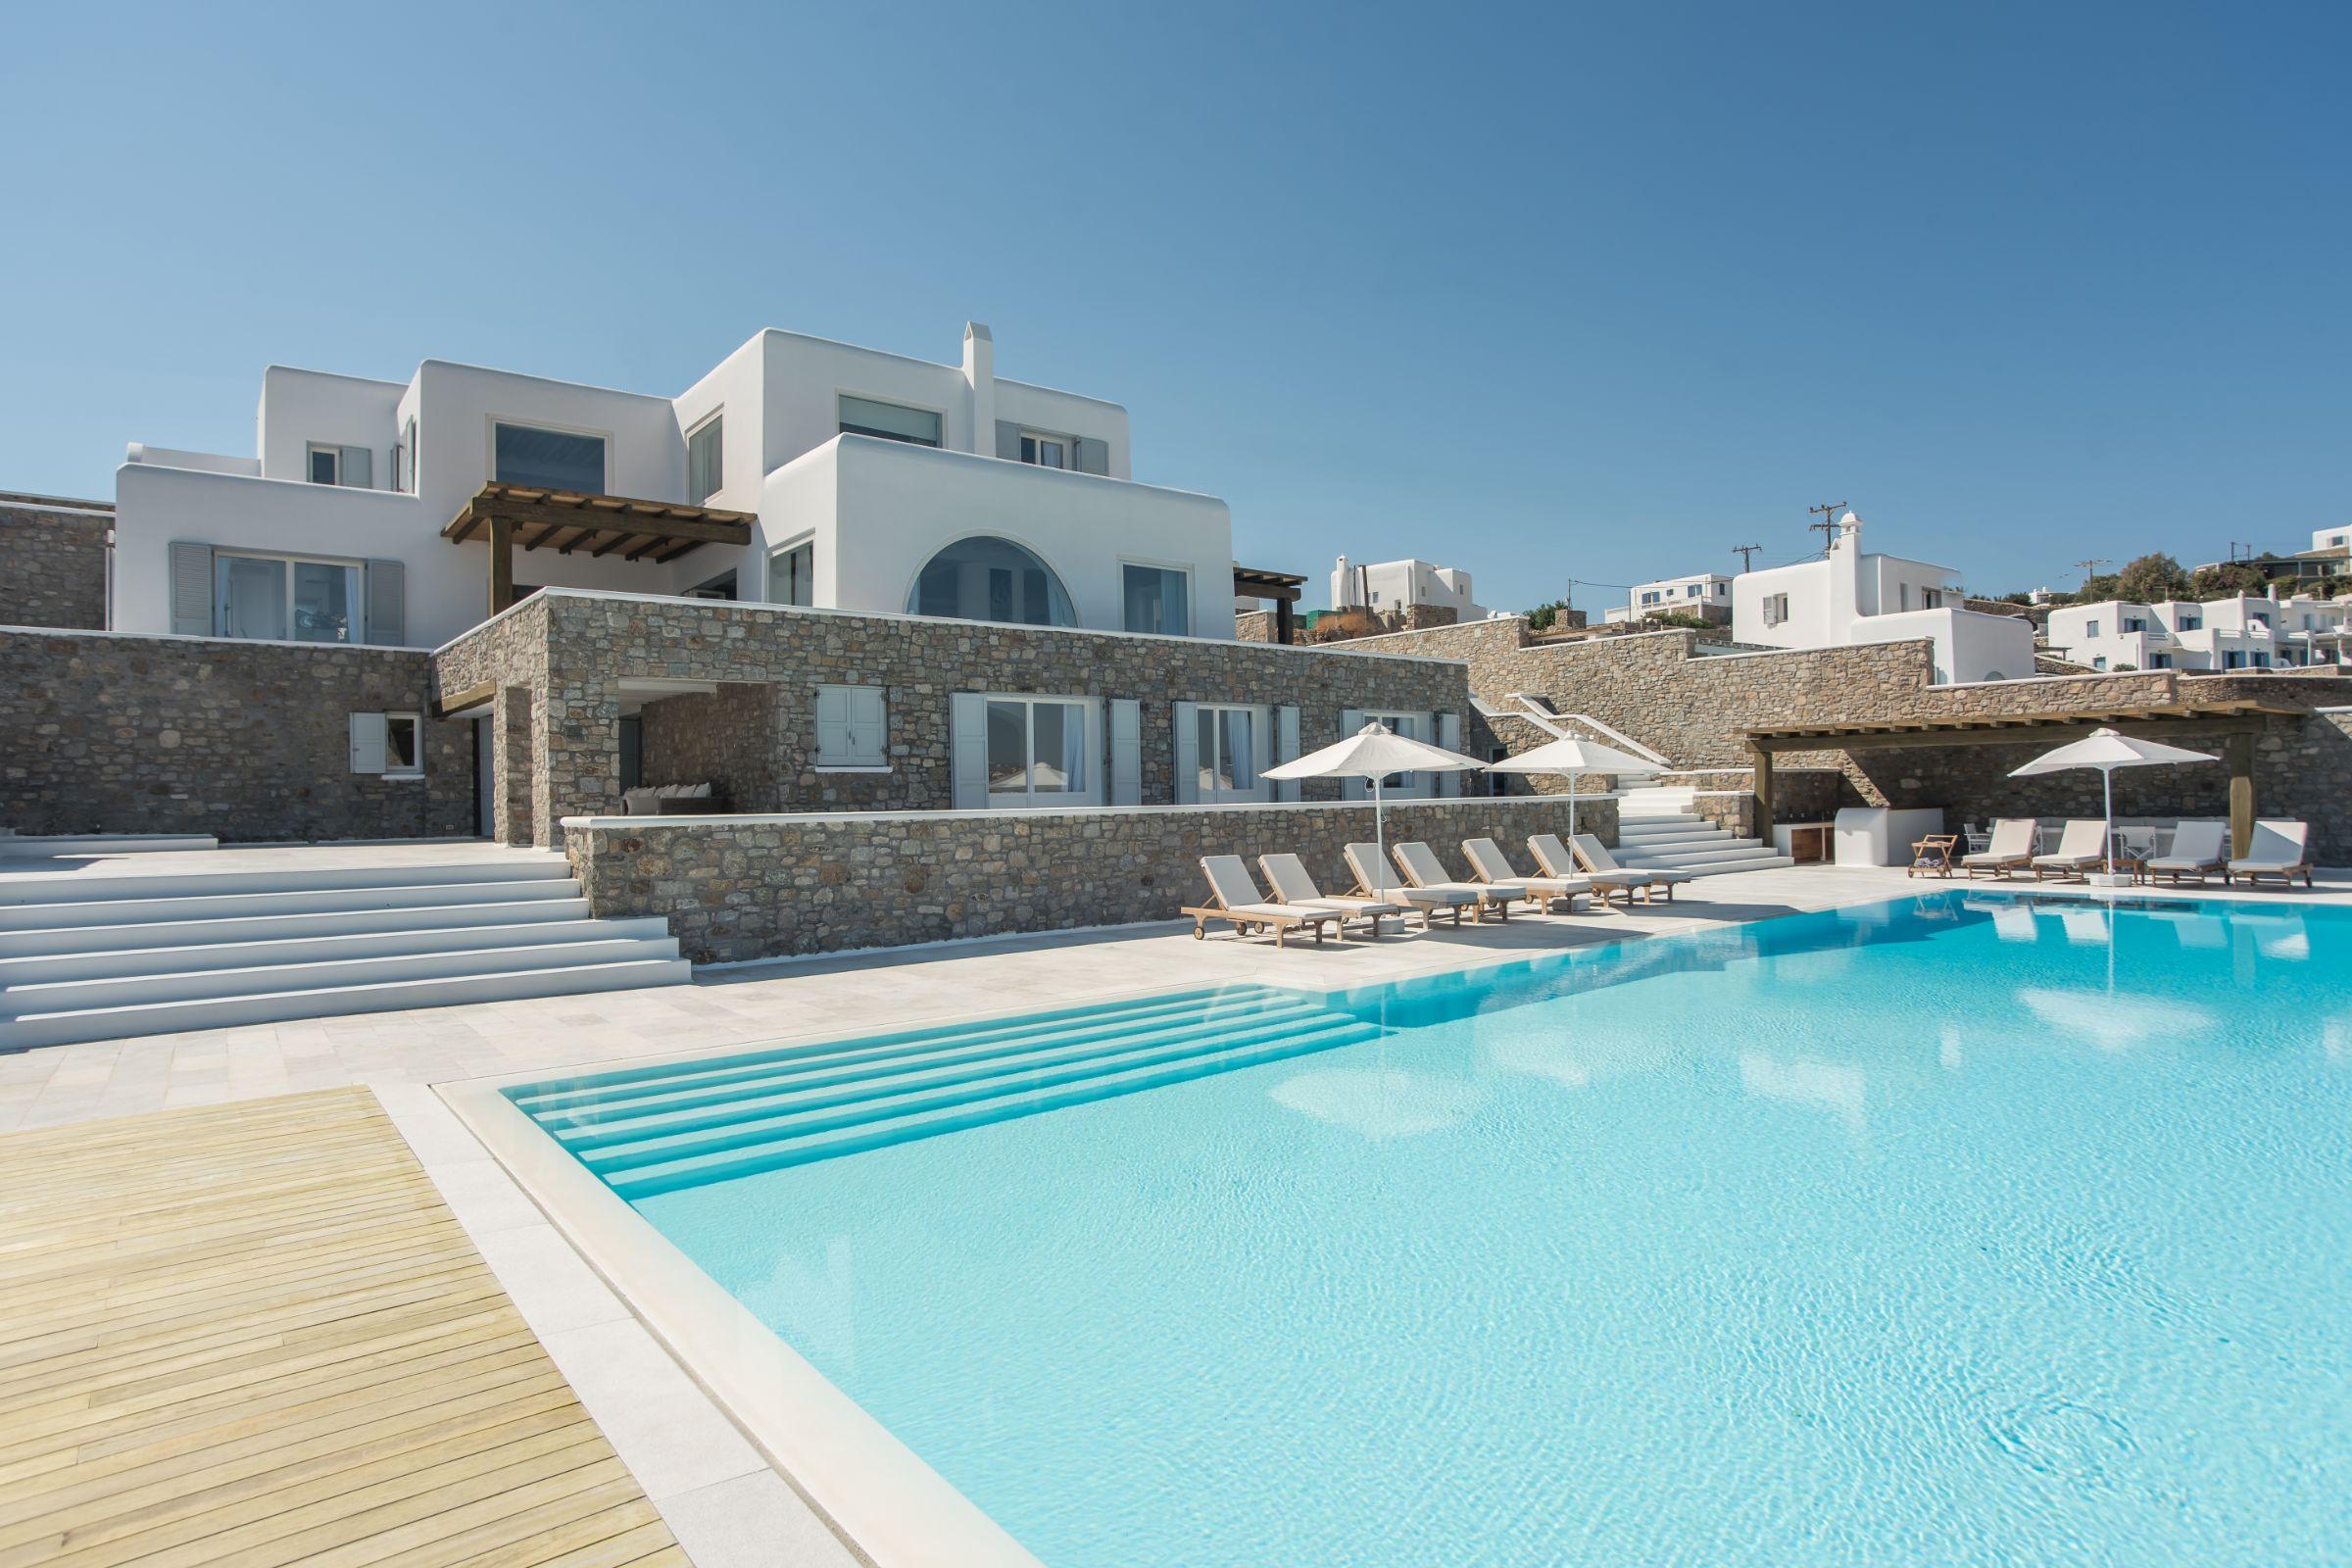 villa Castillo Cinque pool